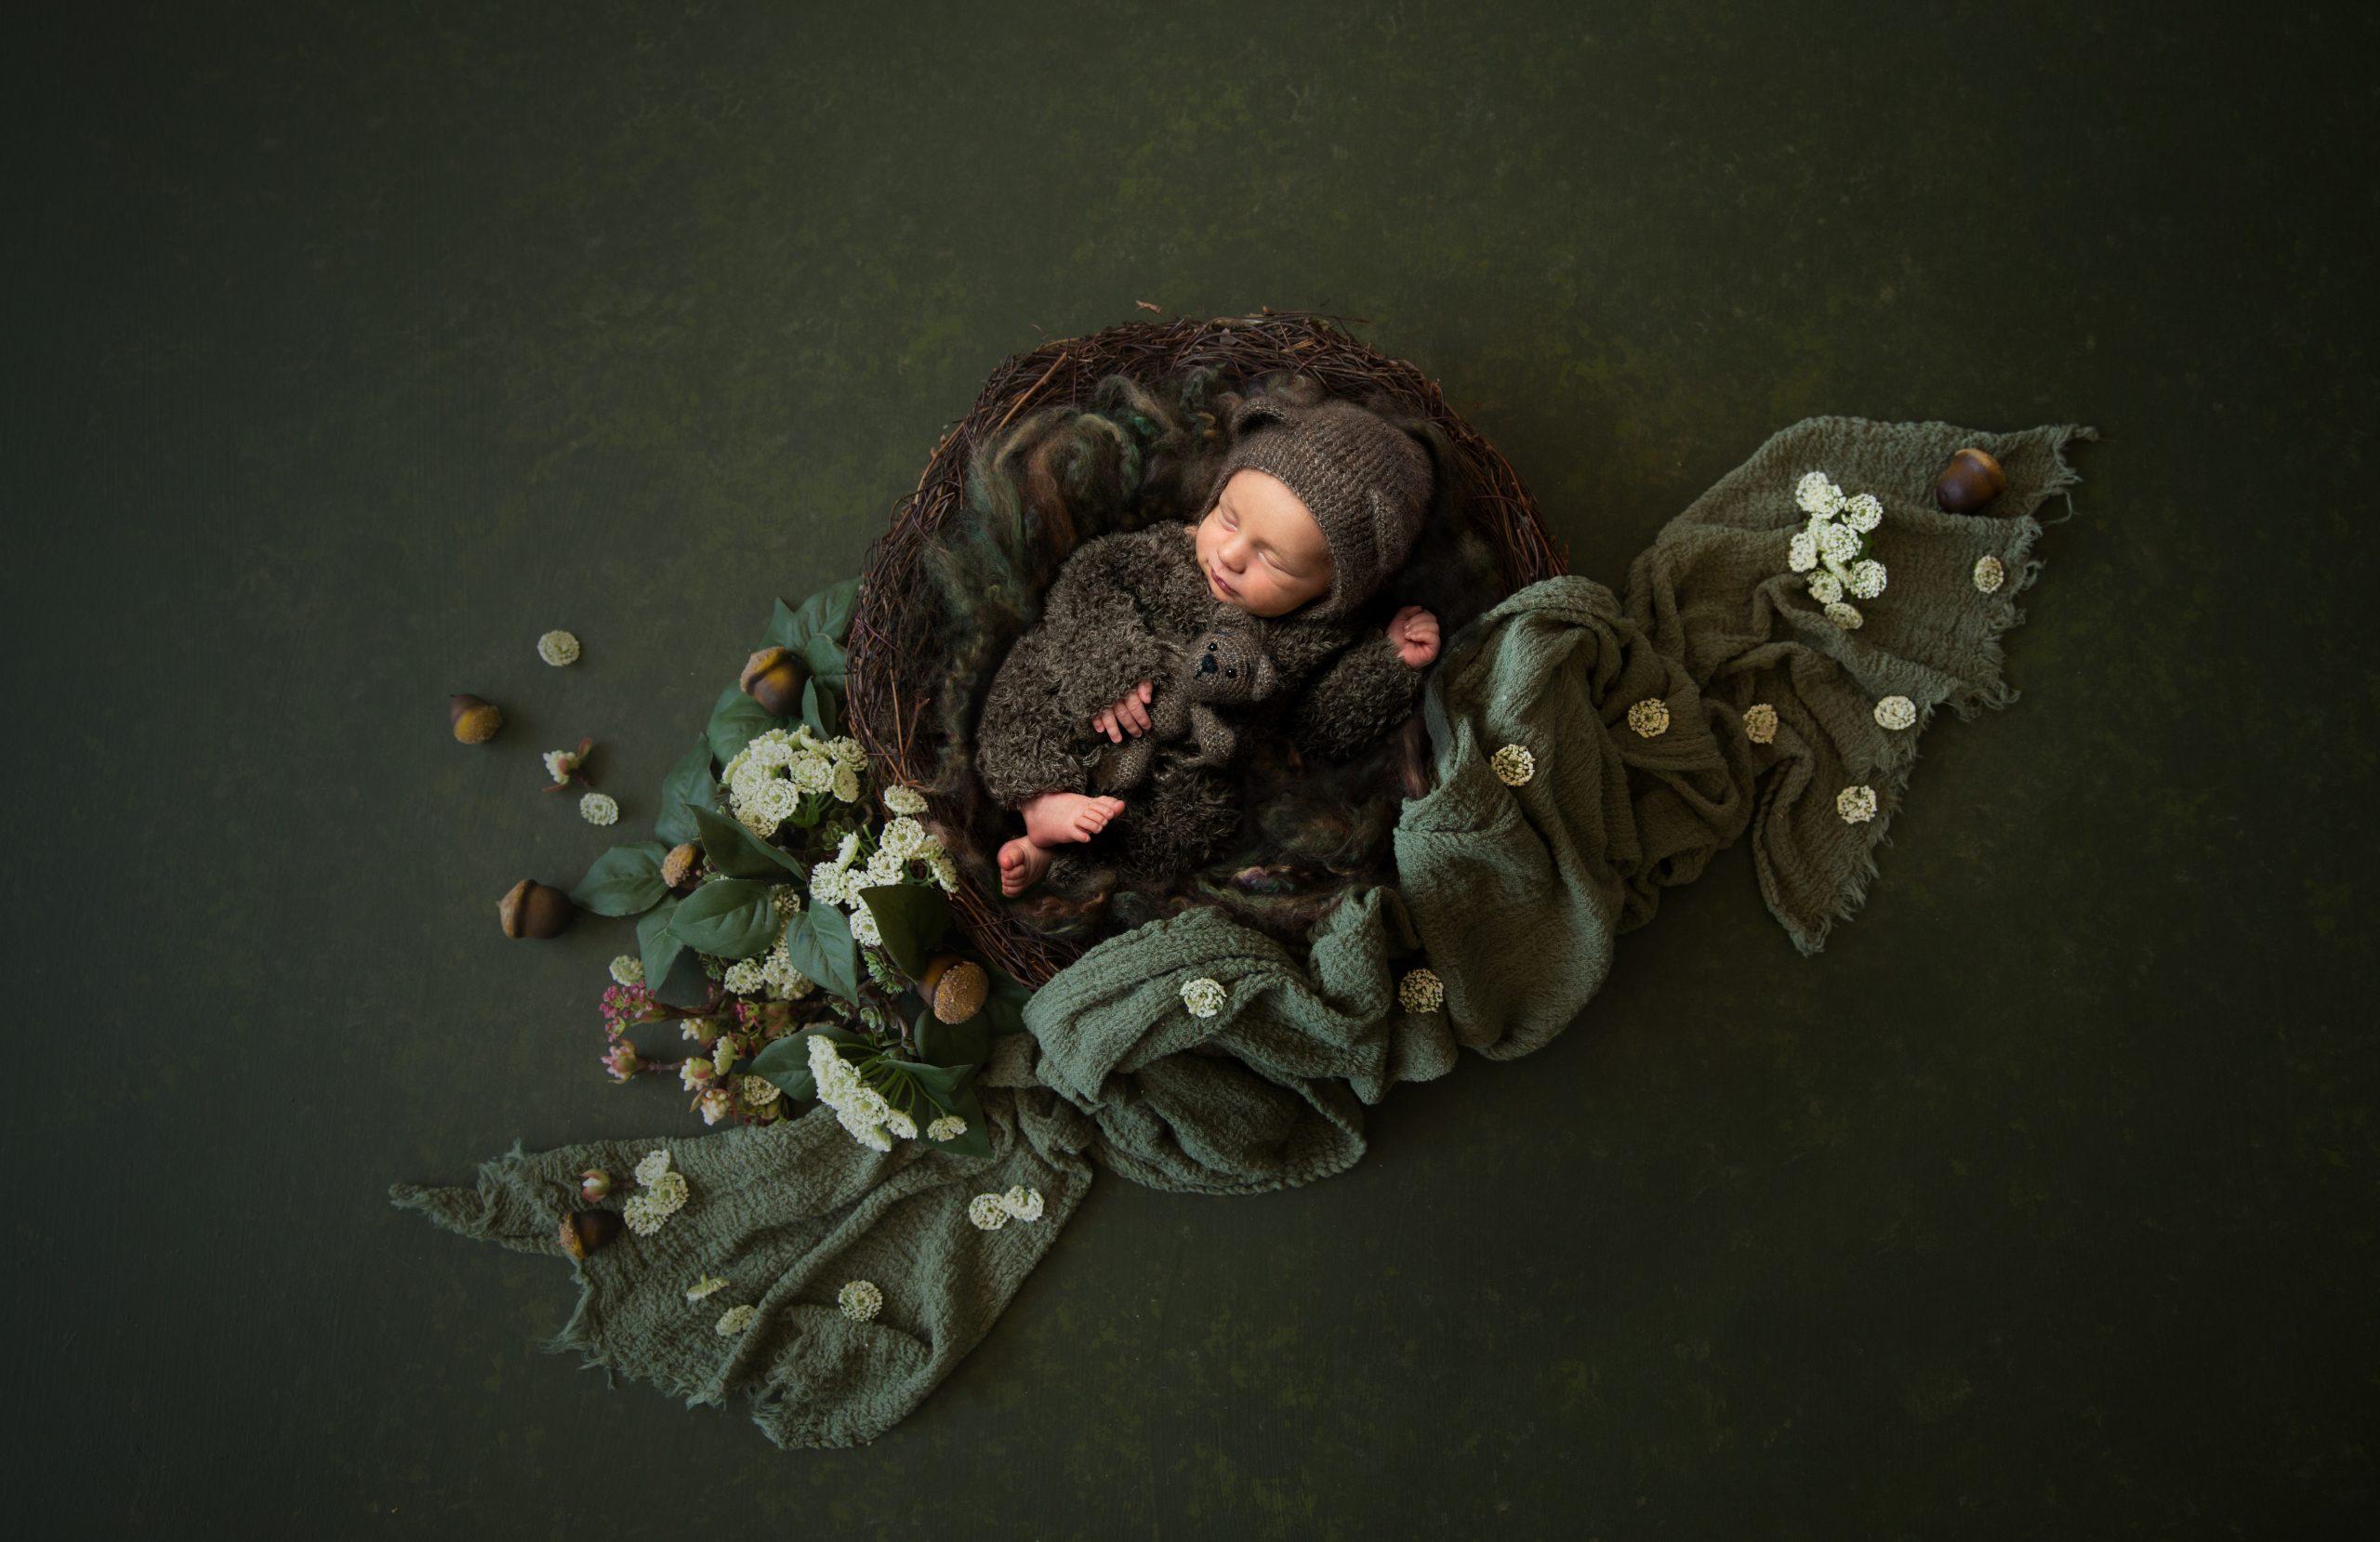 Babyfotograf Bremen Fotoshooting Neugeborenenfotos mit aufwändigem Set in grün Bärenoutfit